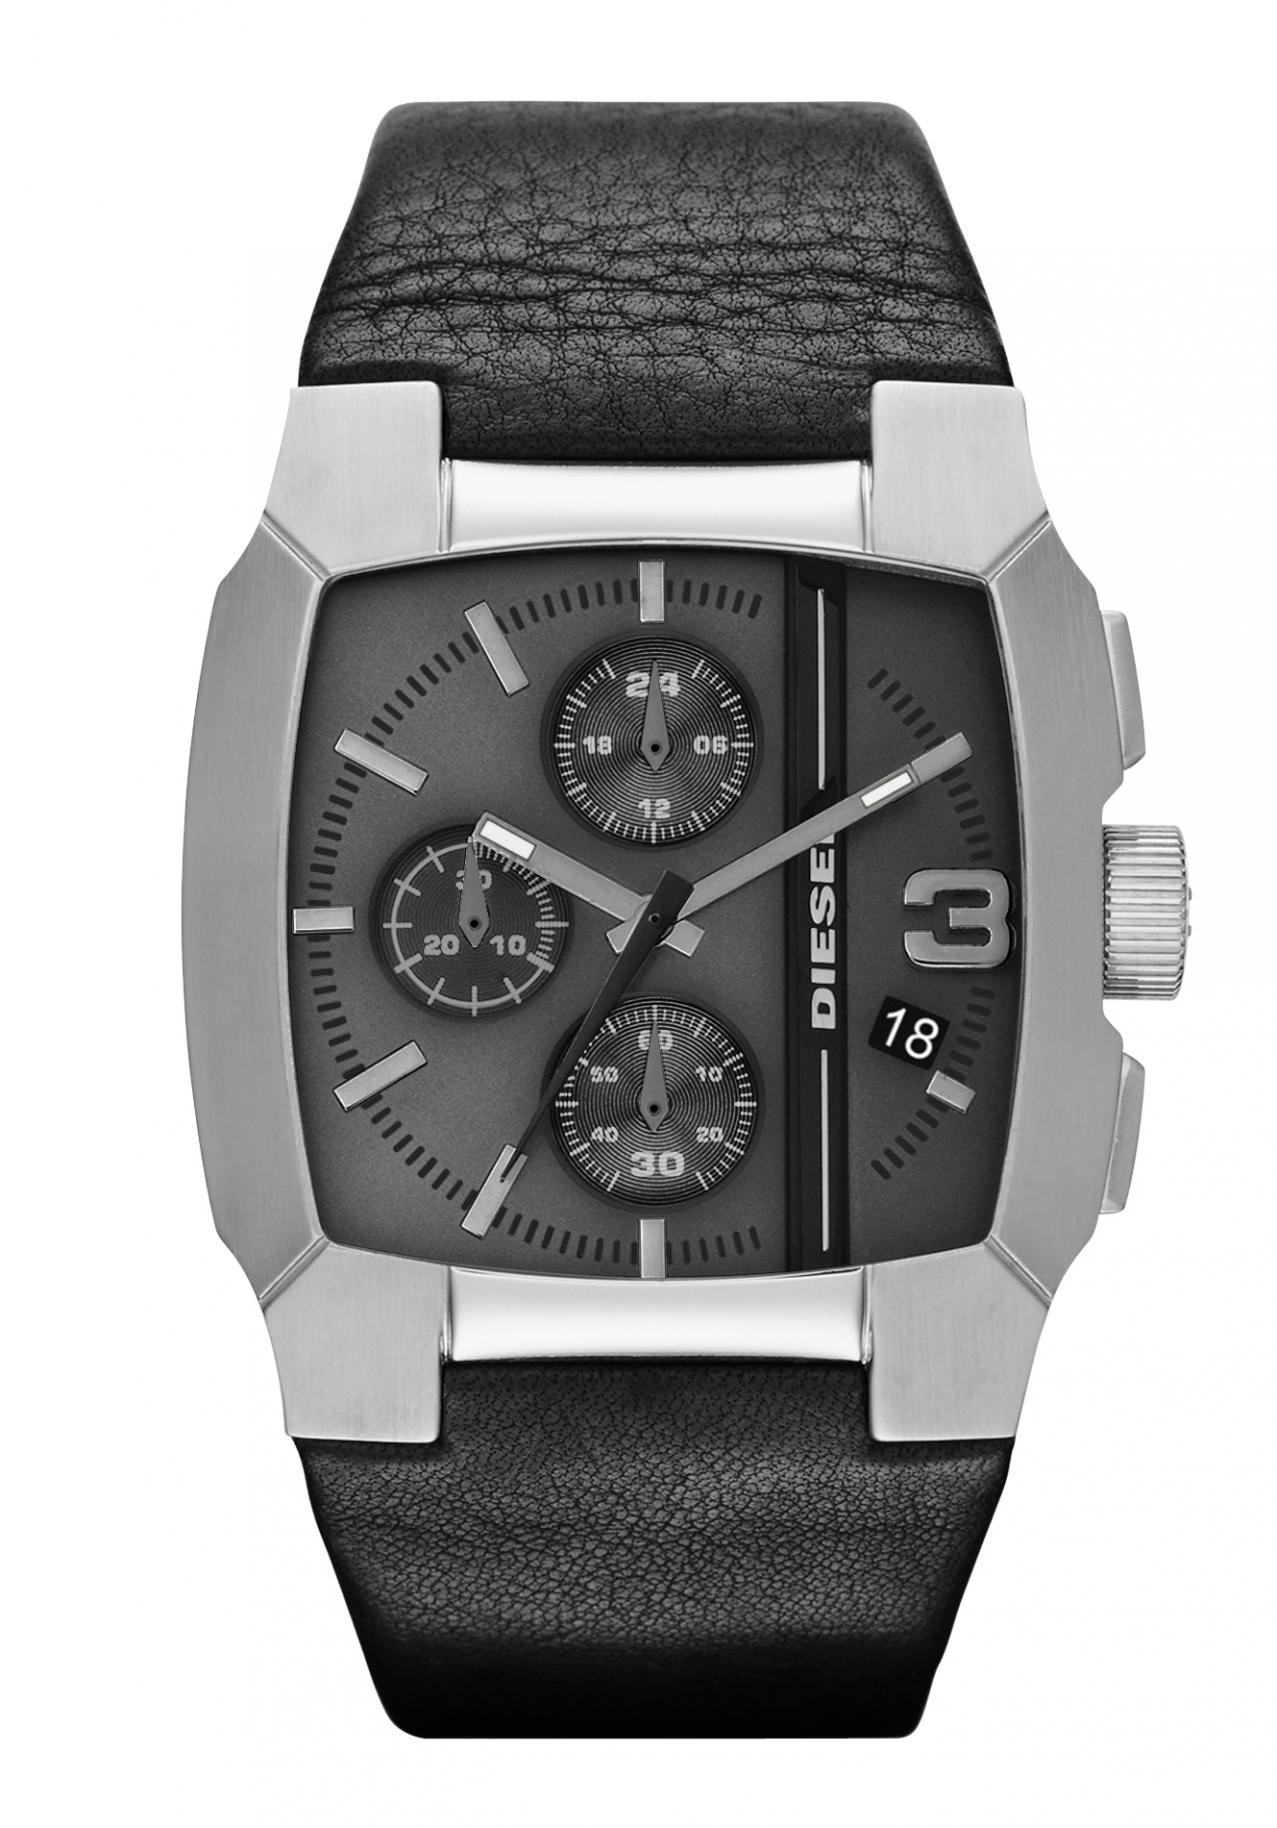 美國百分百【全新真品】Diesel 手錶 配件 腕表 專櫃 真皮 黑 日本機蕊 夜光 三眼 男